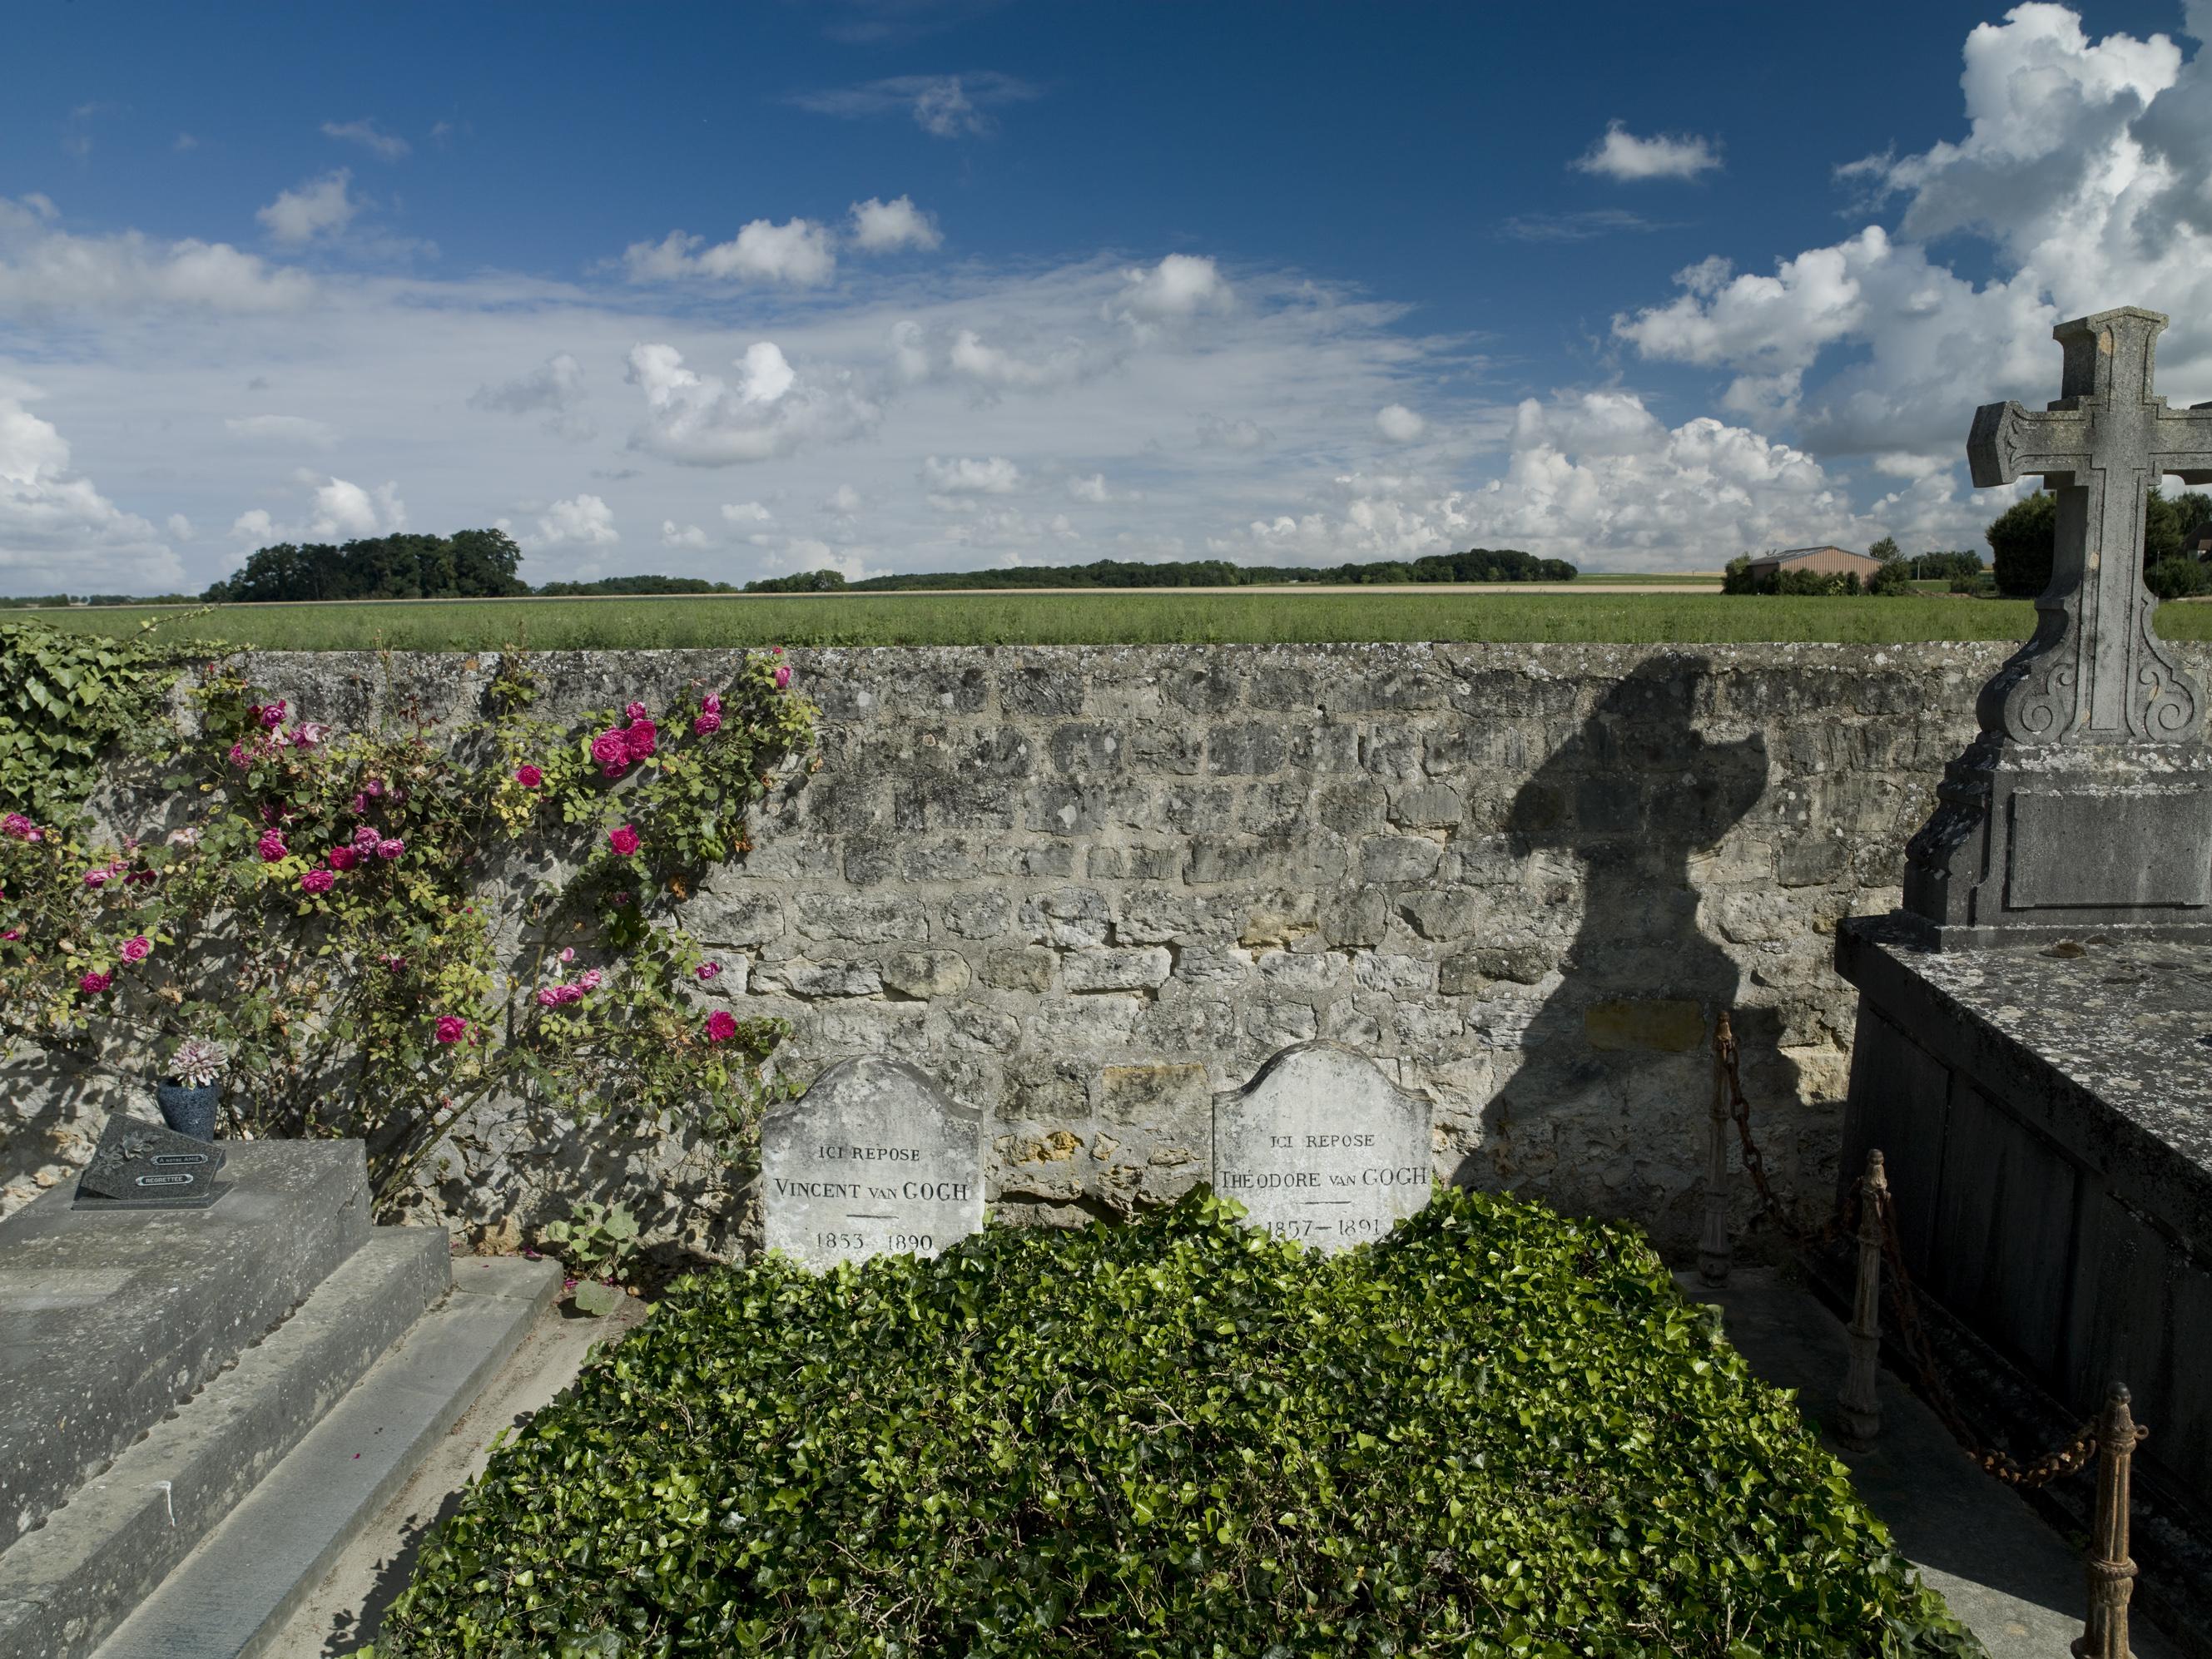 VanGogh13_Deces-089-Tombes-Van-Gogh-couleur